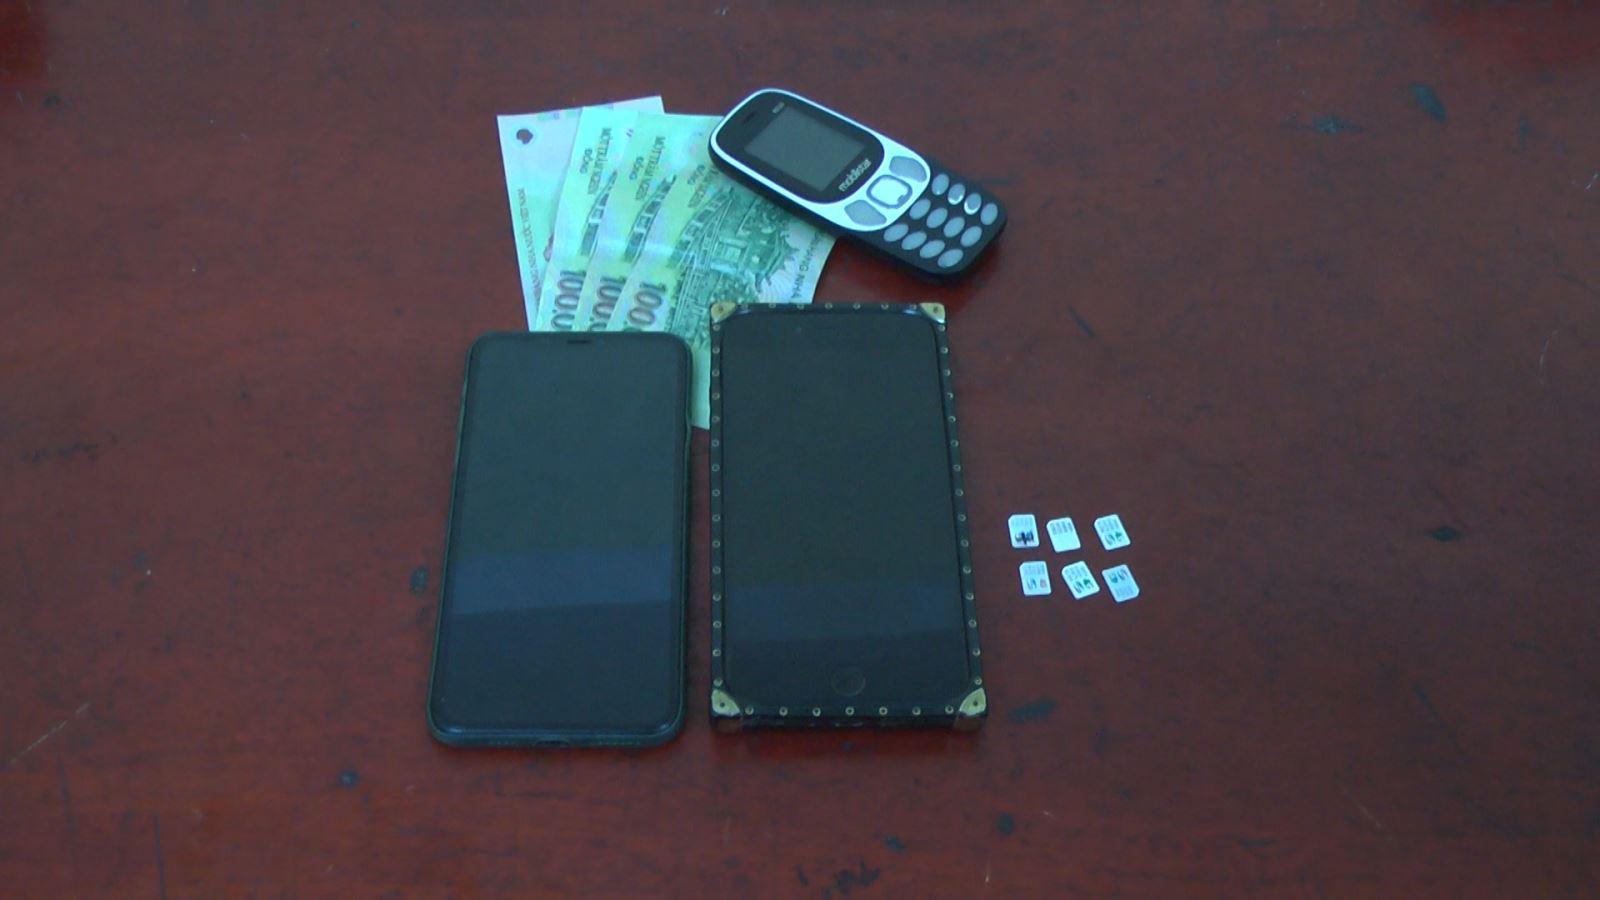 Hưng Yên: Cô gái trẻ giả vờ mua hàng rồi cướp điện thoại của hai thiếu niên - Ảnh 1